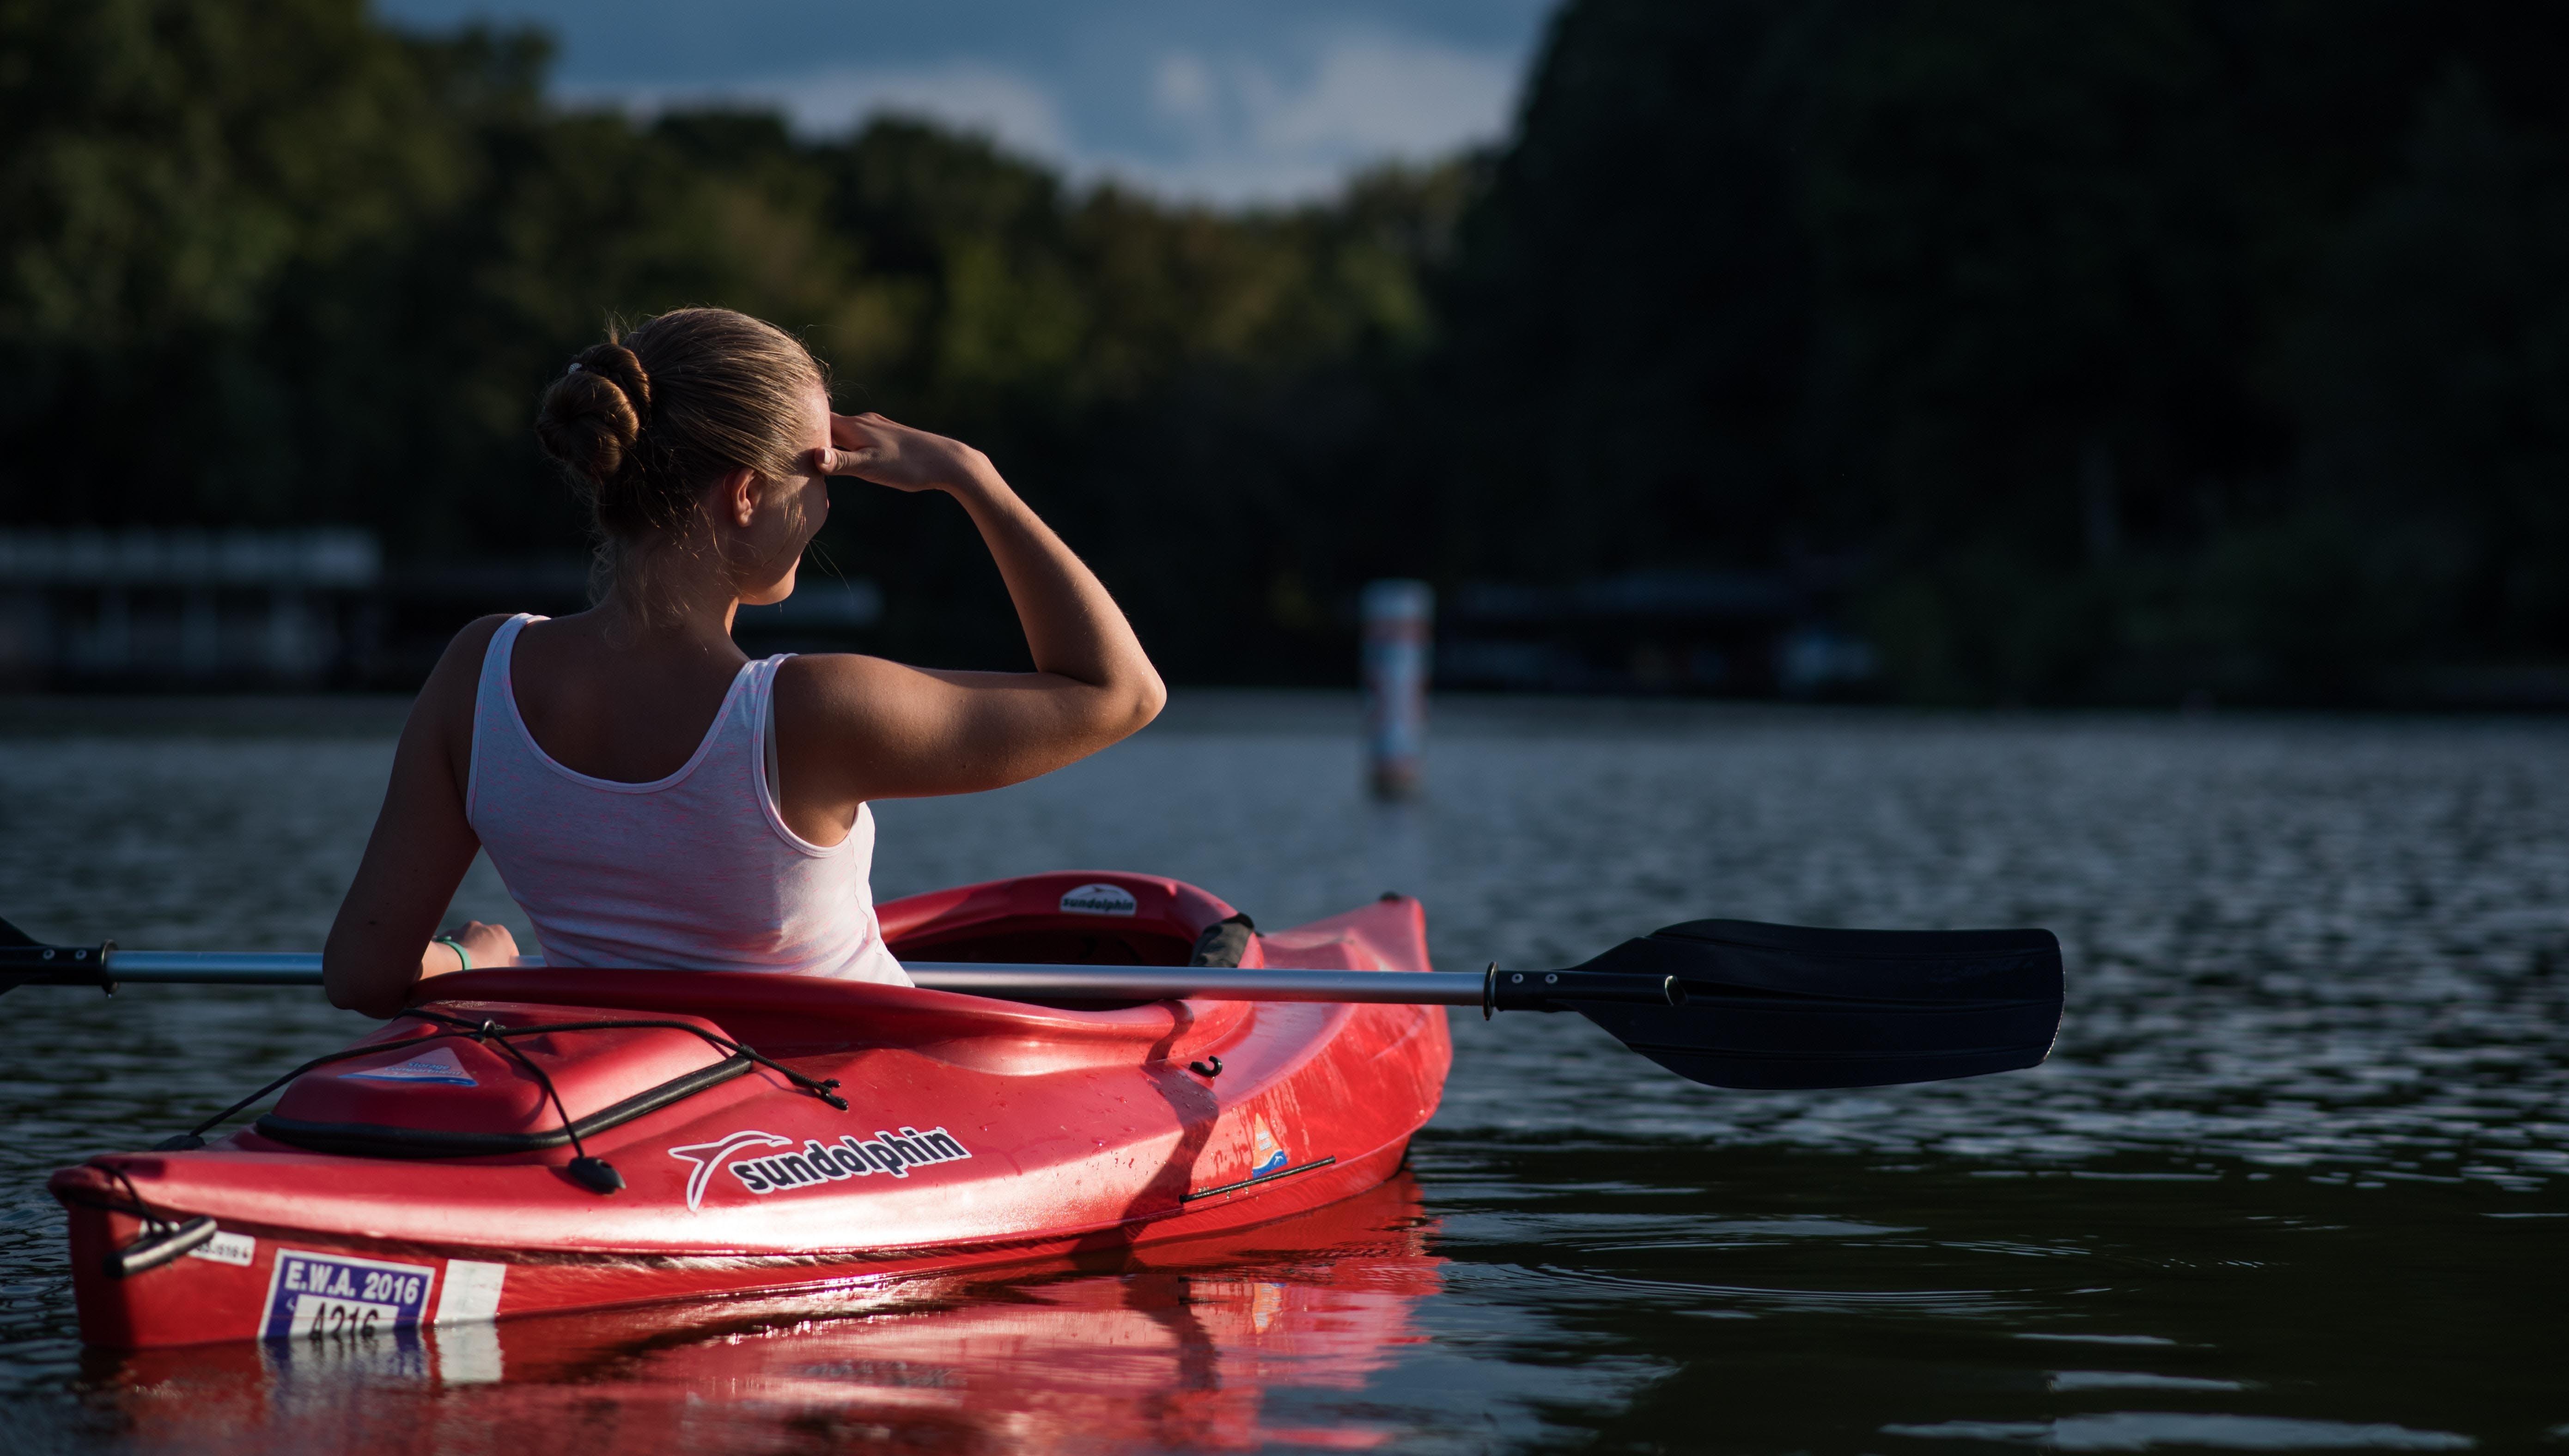 Canoeing female edit use